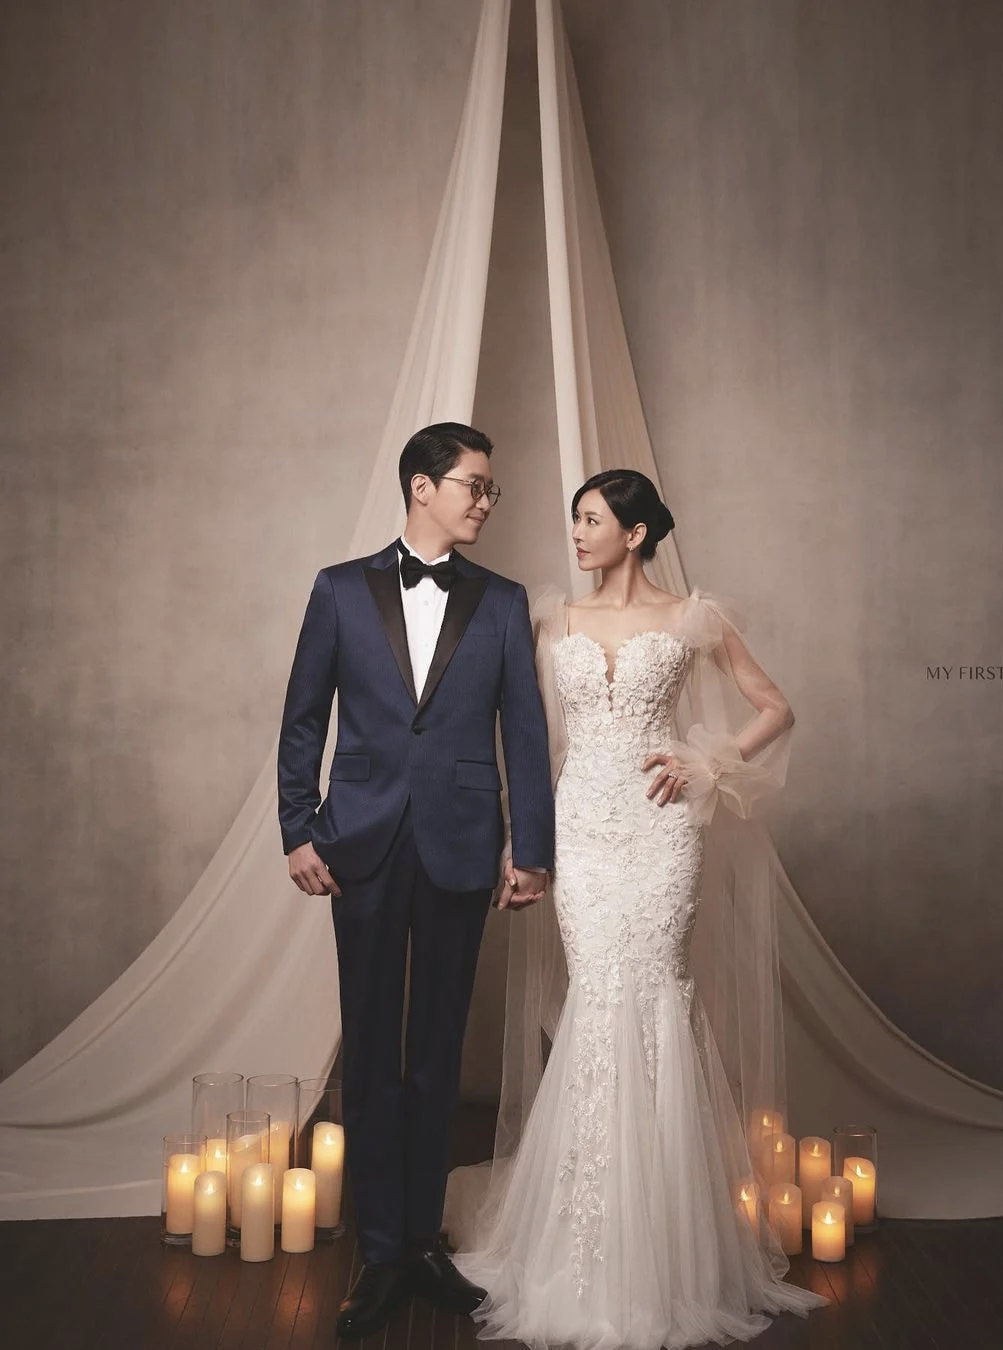 Couple hot nhất Penthouse tung ảnh cưới: Không phải màn khóa môi, body tuyệt mỹ của ác nữ Kim So Yeon mới là tâm điểm - Ảnh 4.